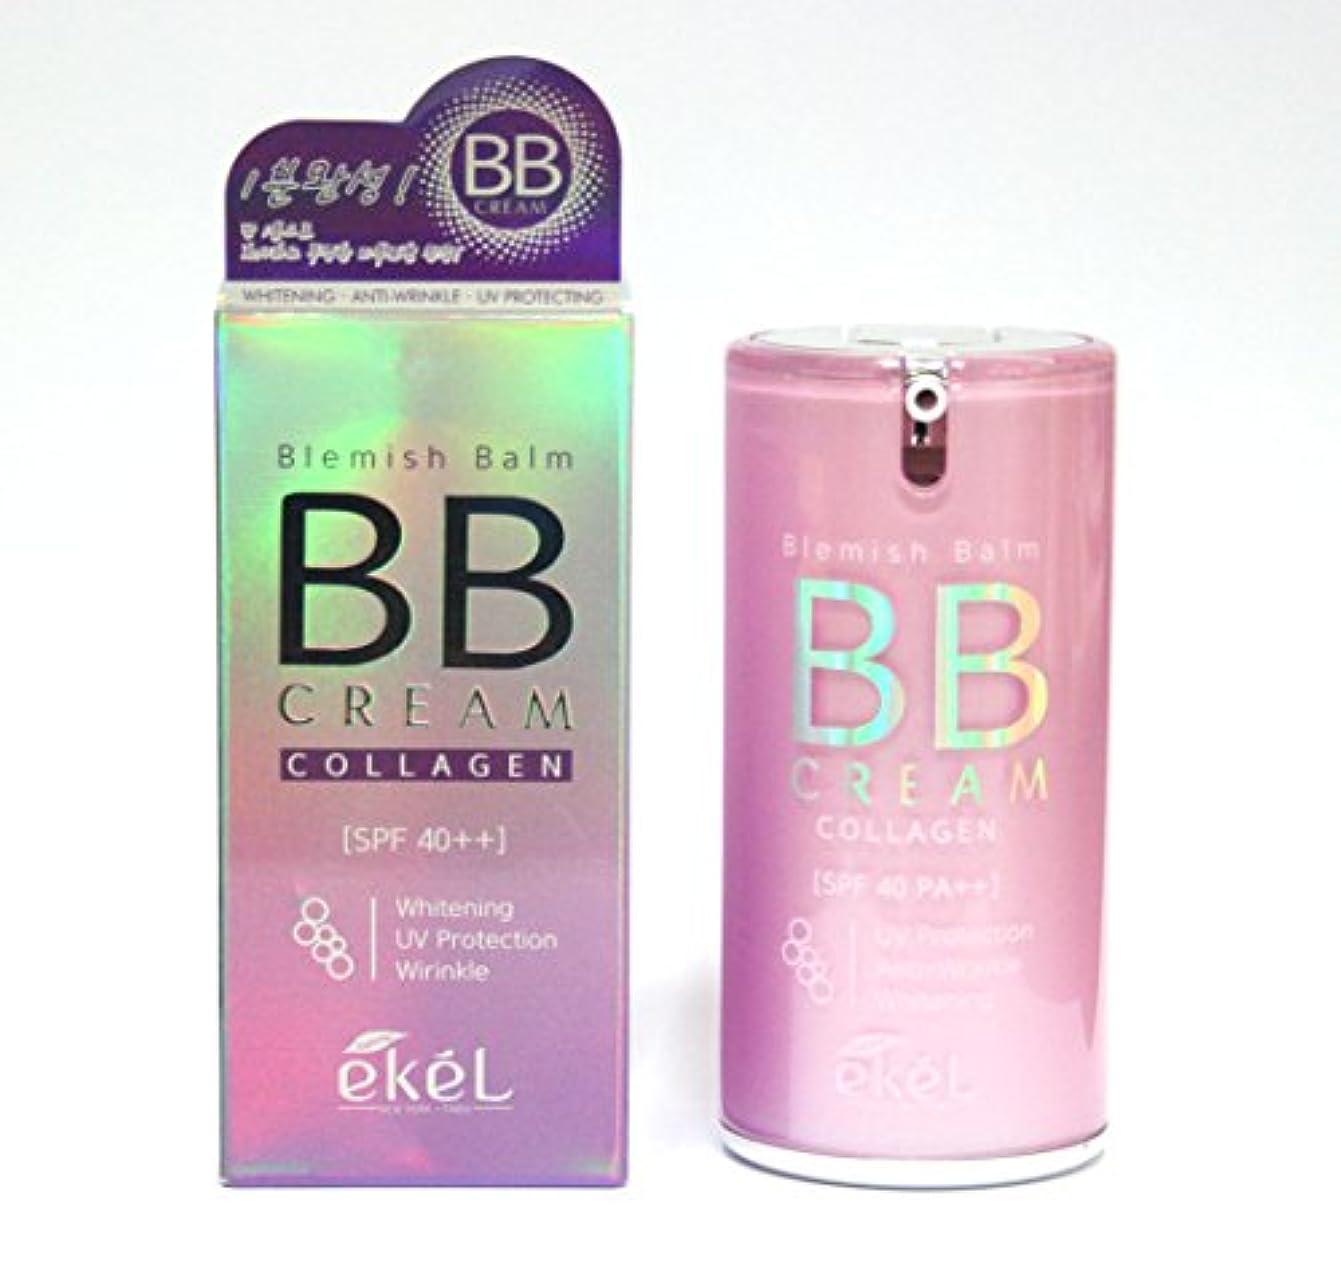 有料バージン損傷[EKEL] ブレミッシュバームコラーゲンBBクリーム50g / Blemish Balm Collagen BB Cream 50g /ホワイトニング、UV保護、しわ / whitening, uv protection...